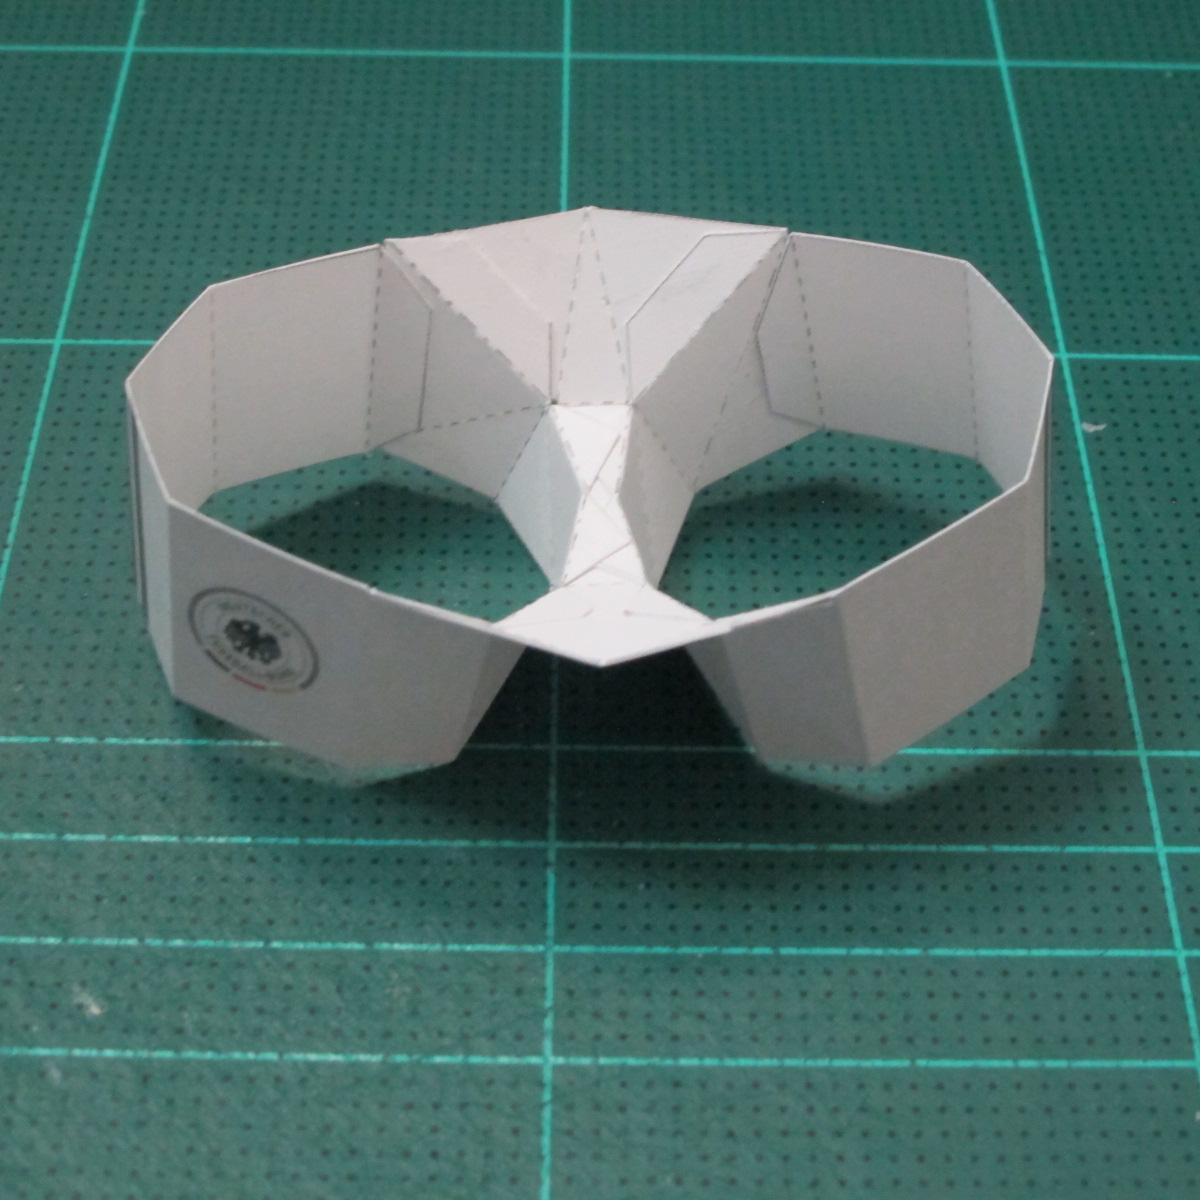 วิธีทำชุดนักบอลฟุตบอลโลก 2014 ทีมเยอร์มันสำหรับโมเดลหมีบราวน์ (FIFA World Cup  Soccer  Germany  Jersey Papercraft Model) 011